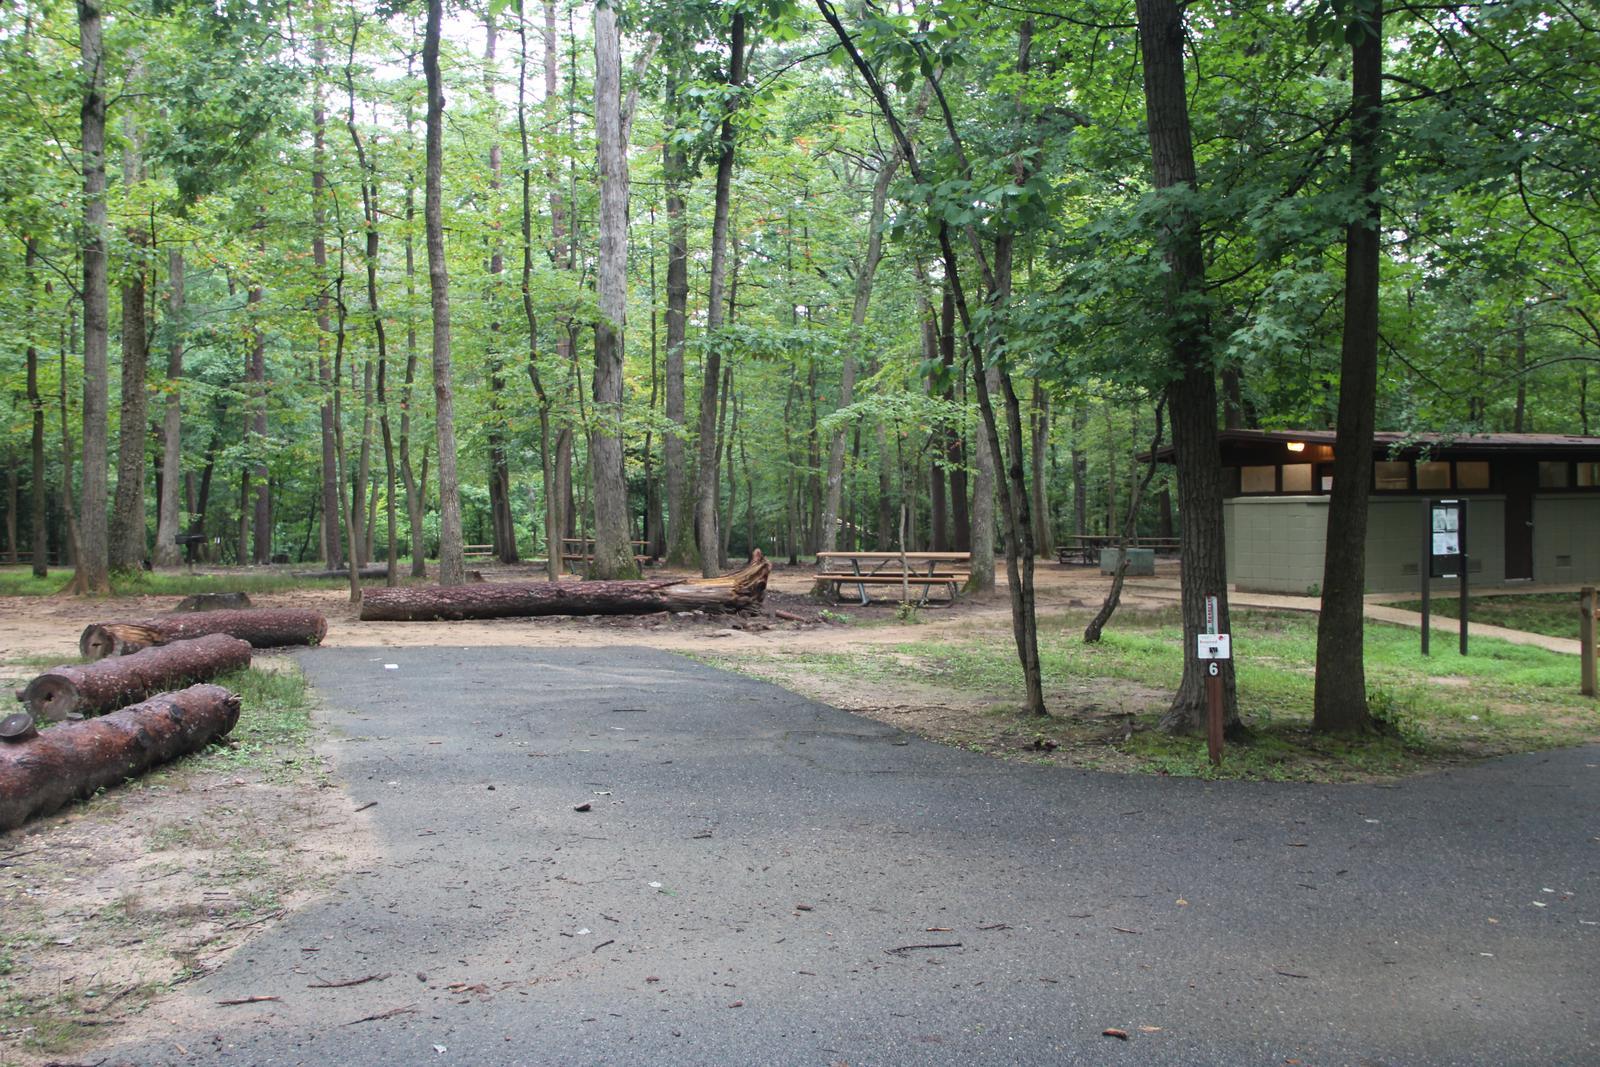 Greenbelt Park Campground Site 006